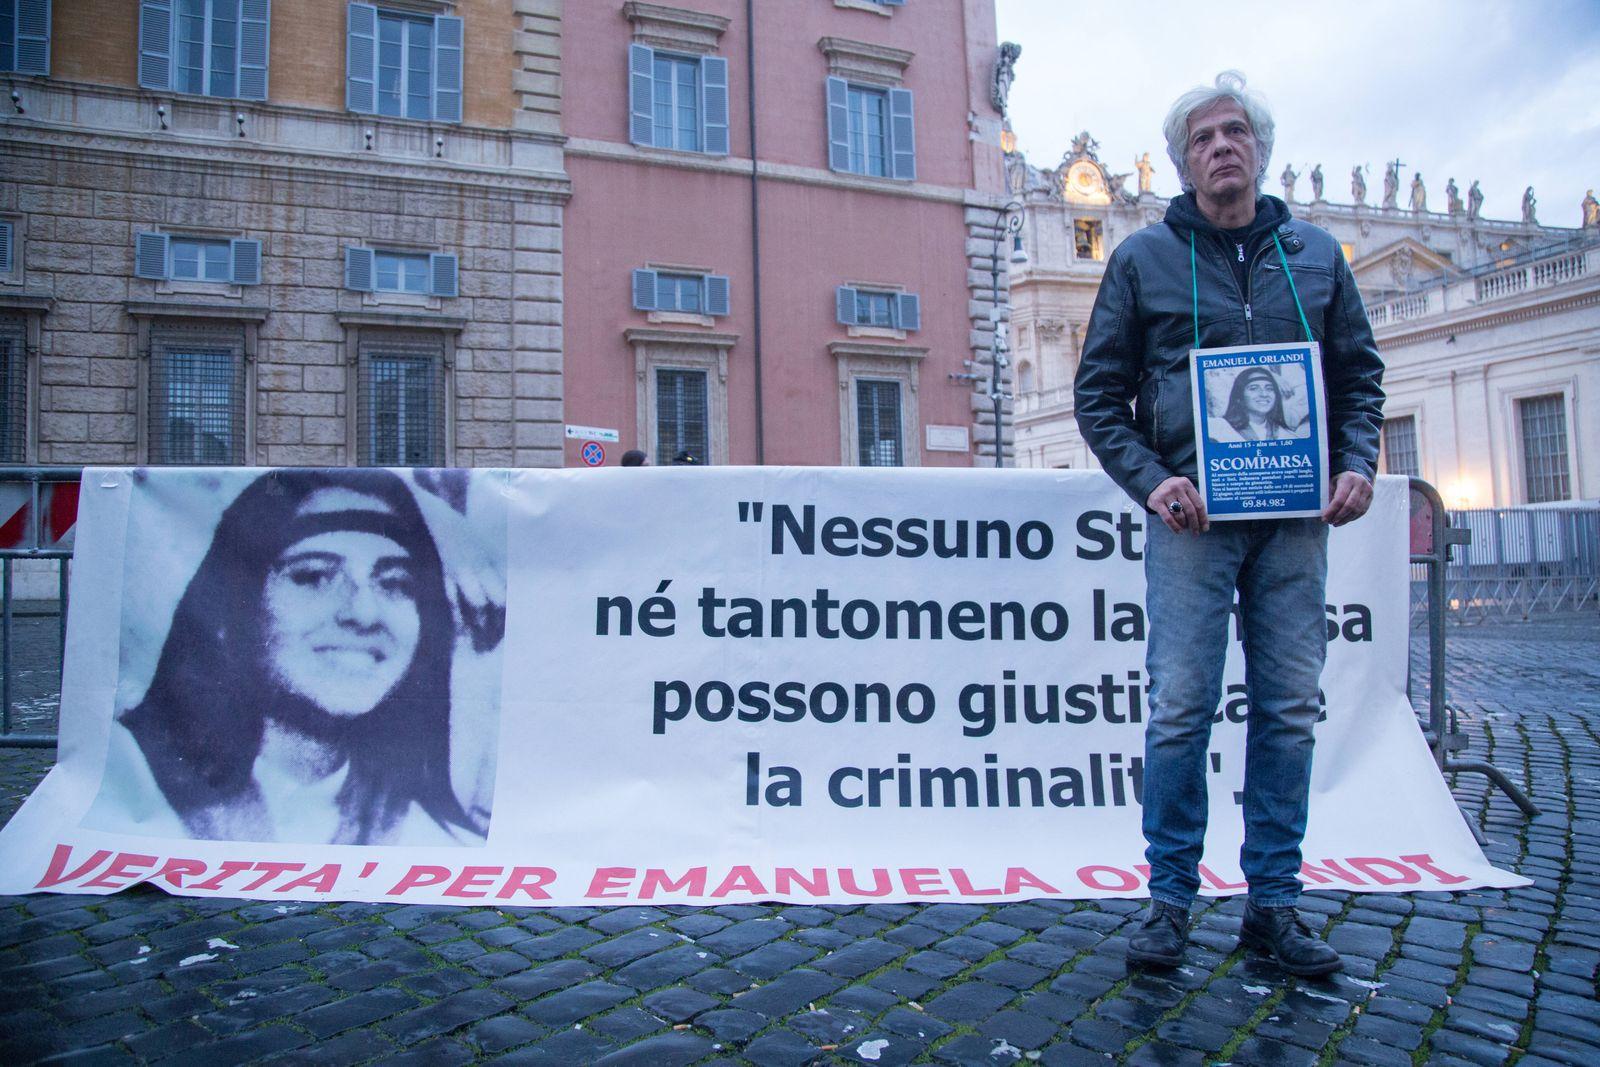 Italy: Sit-in for Emanuela Orlandi in Rome Pietro Orlandi Sit in Piazza del Sant Uffizio in Rome organized by Pietro Orl